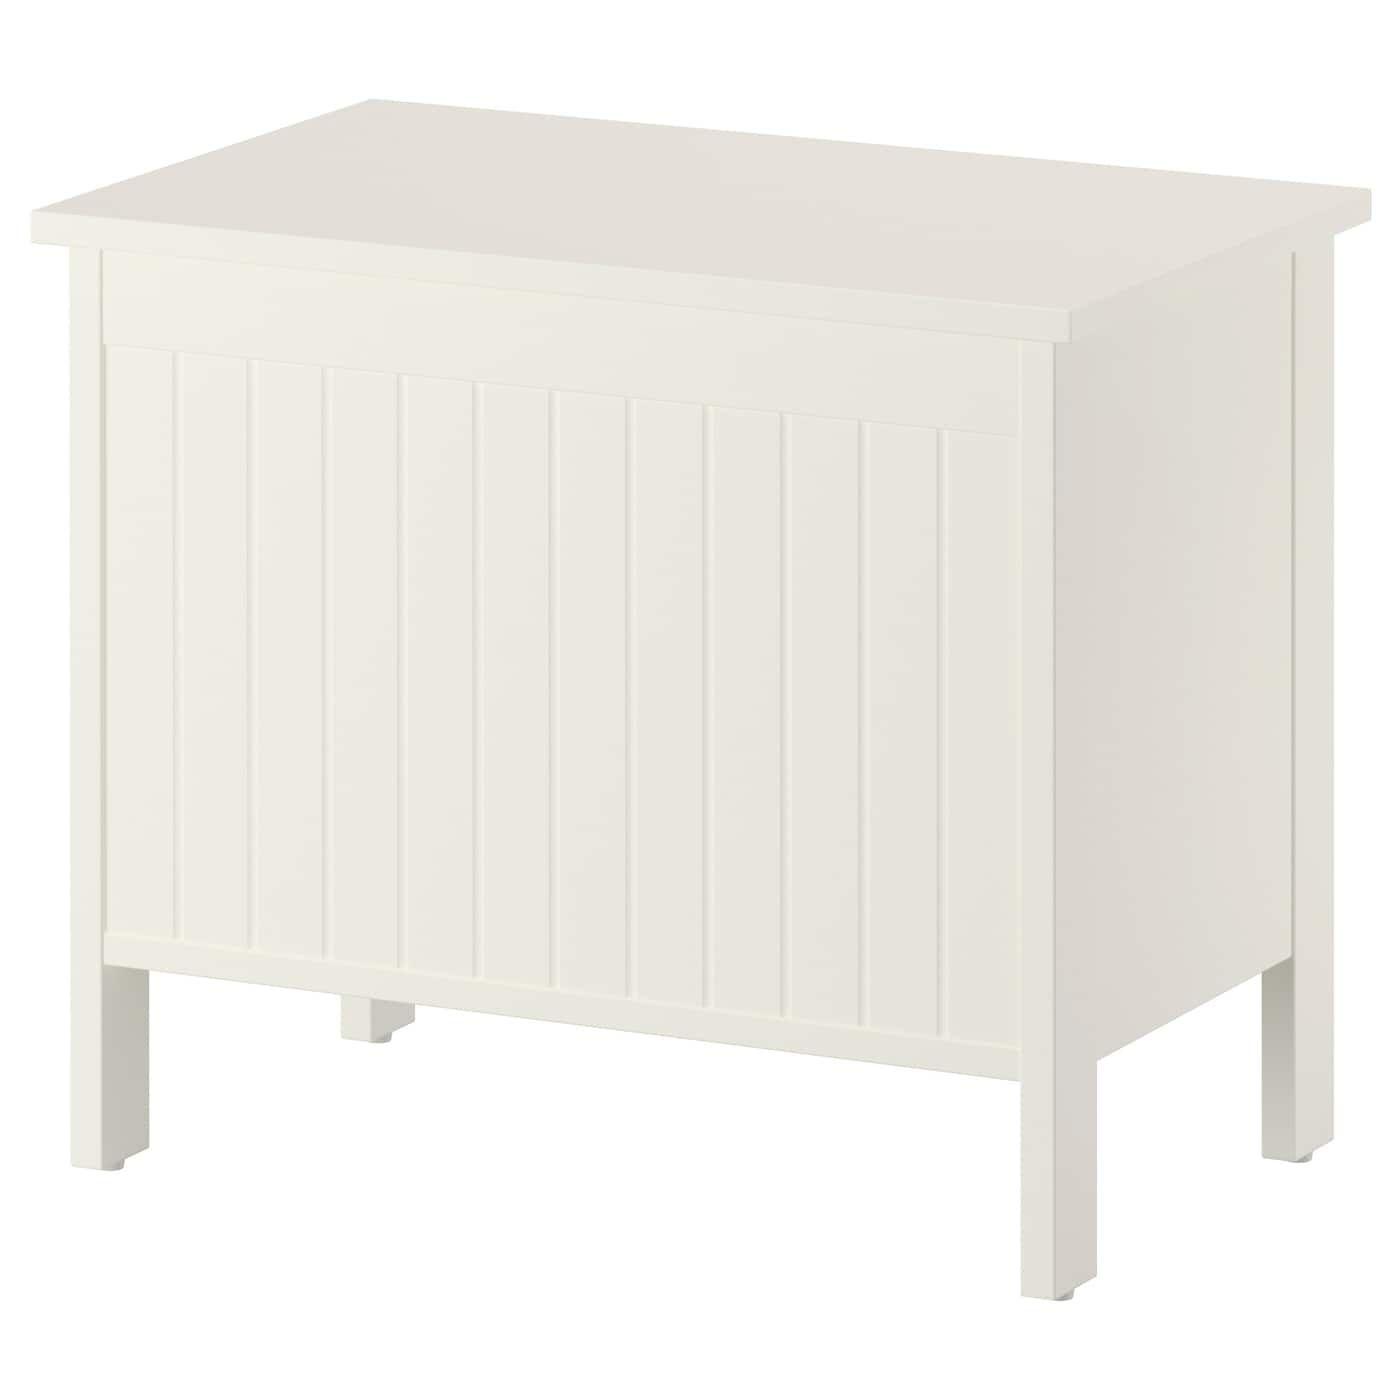 Silverån Banc Avec Rangement - Blanc   Banc De Rangement ... encequiconcerne Coffre De Jardin Ikea